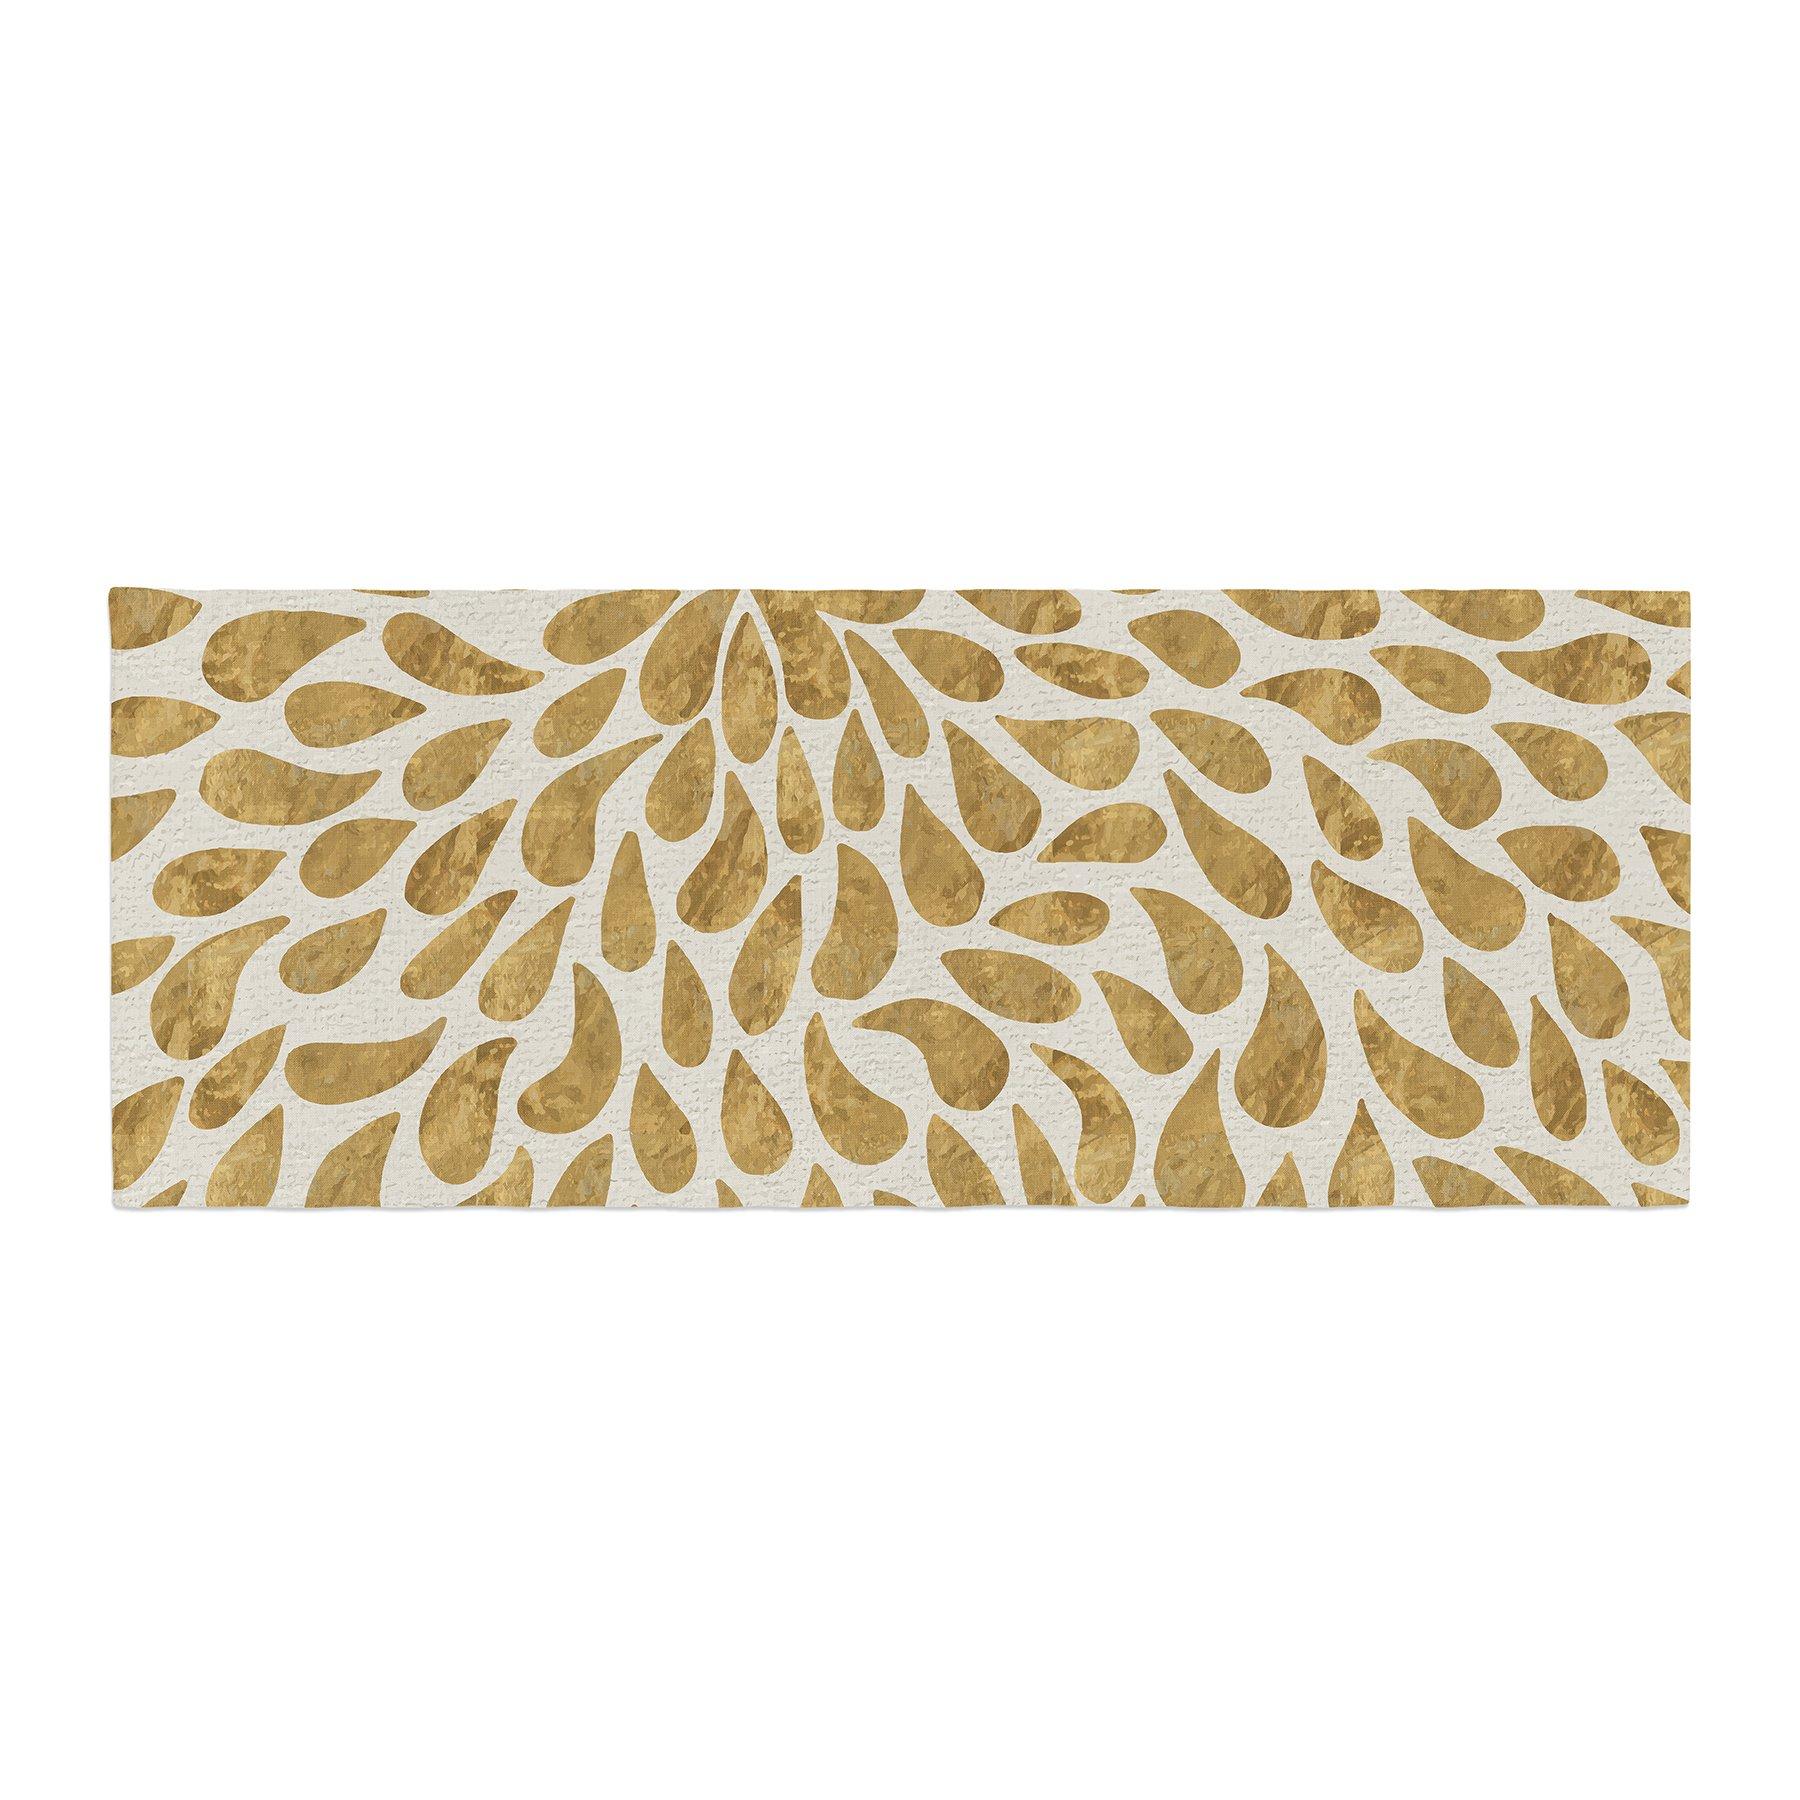 Kess InHouse 888 Design Abstract Golden Flower Gold Tan Bed Runner, 34'' x 86''